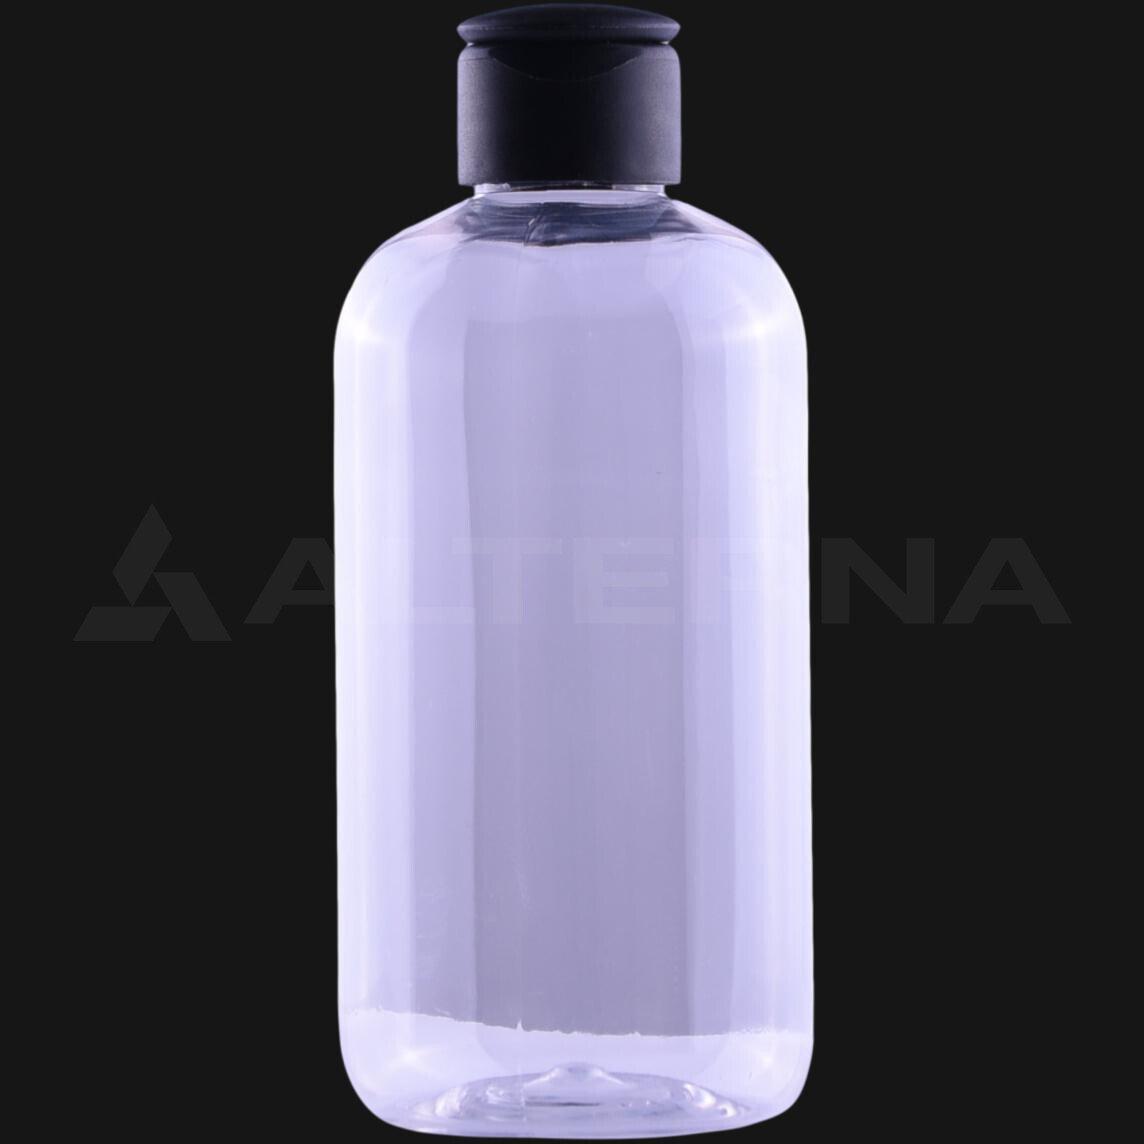 250 ml PET Bottle with 24 mm Flip Top Cap